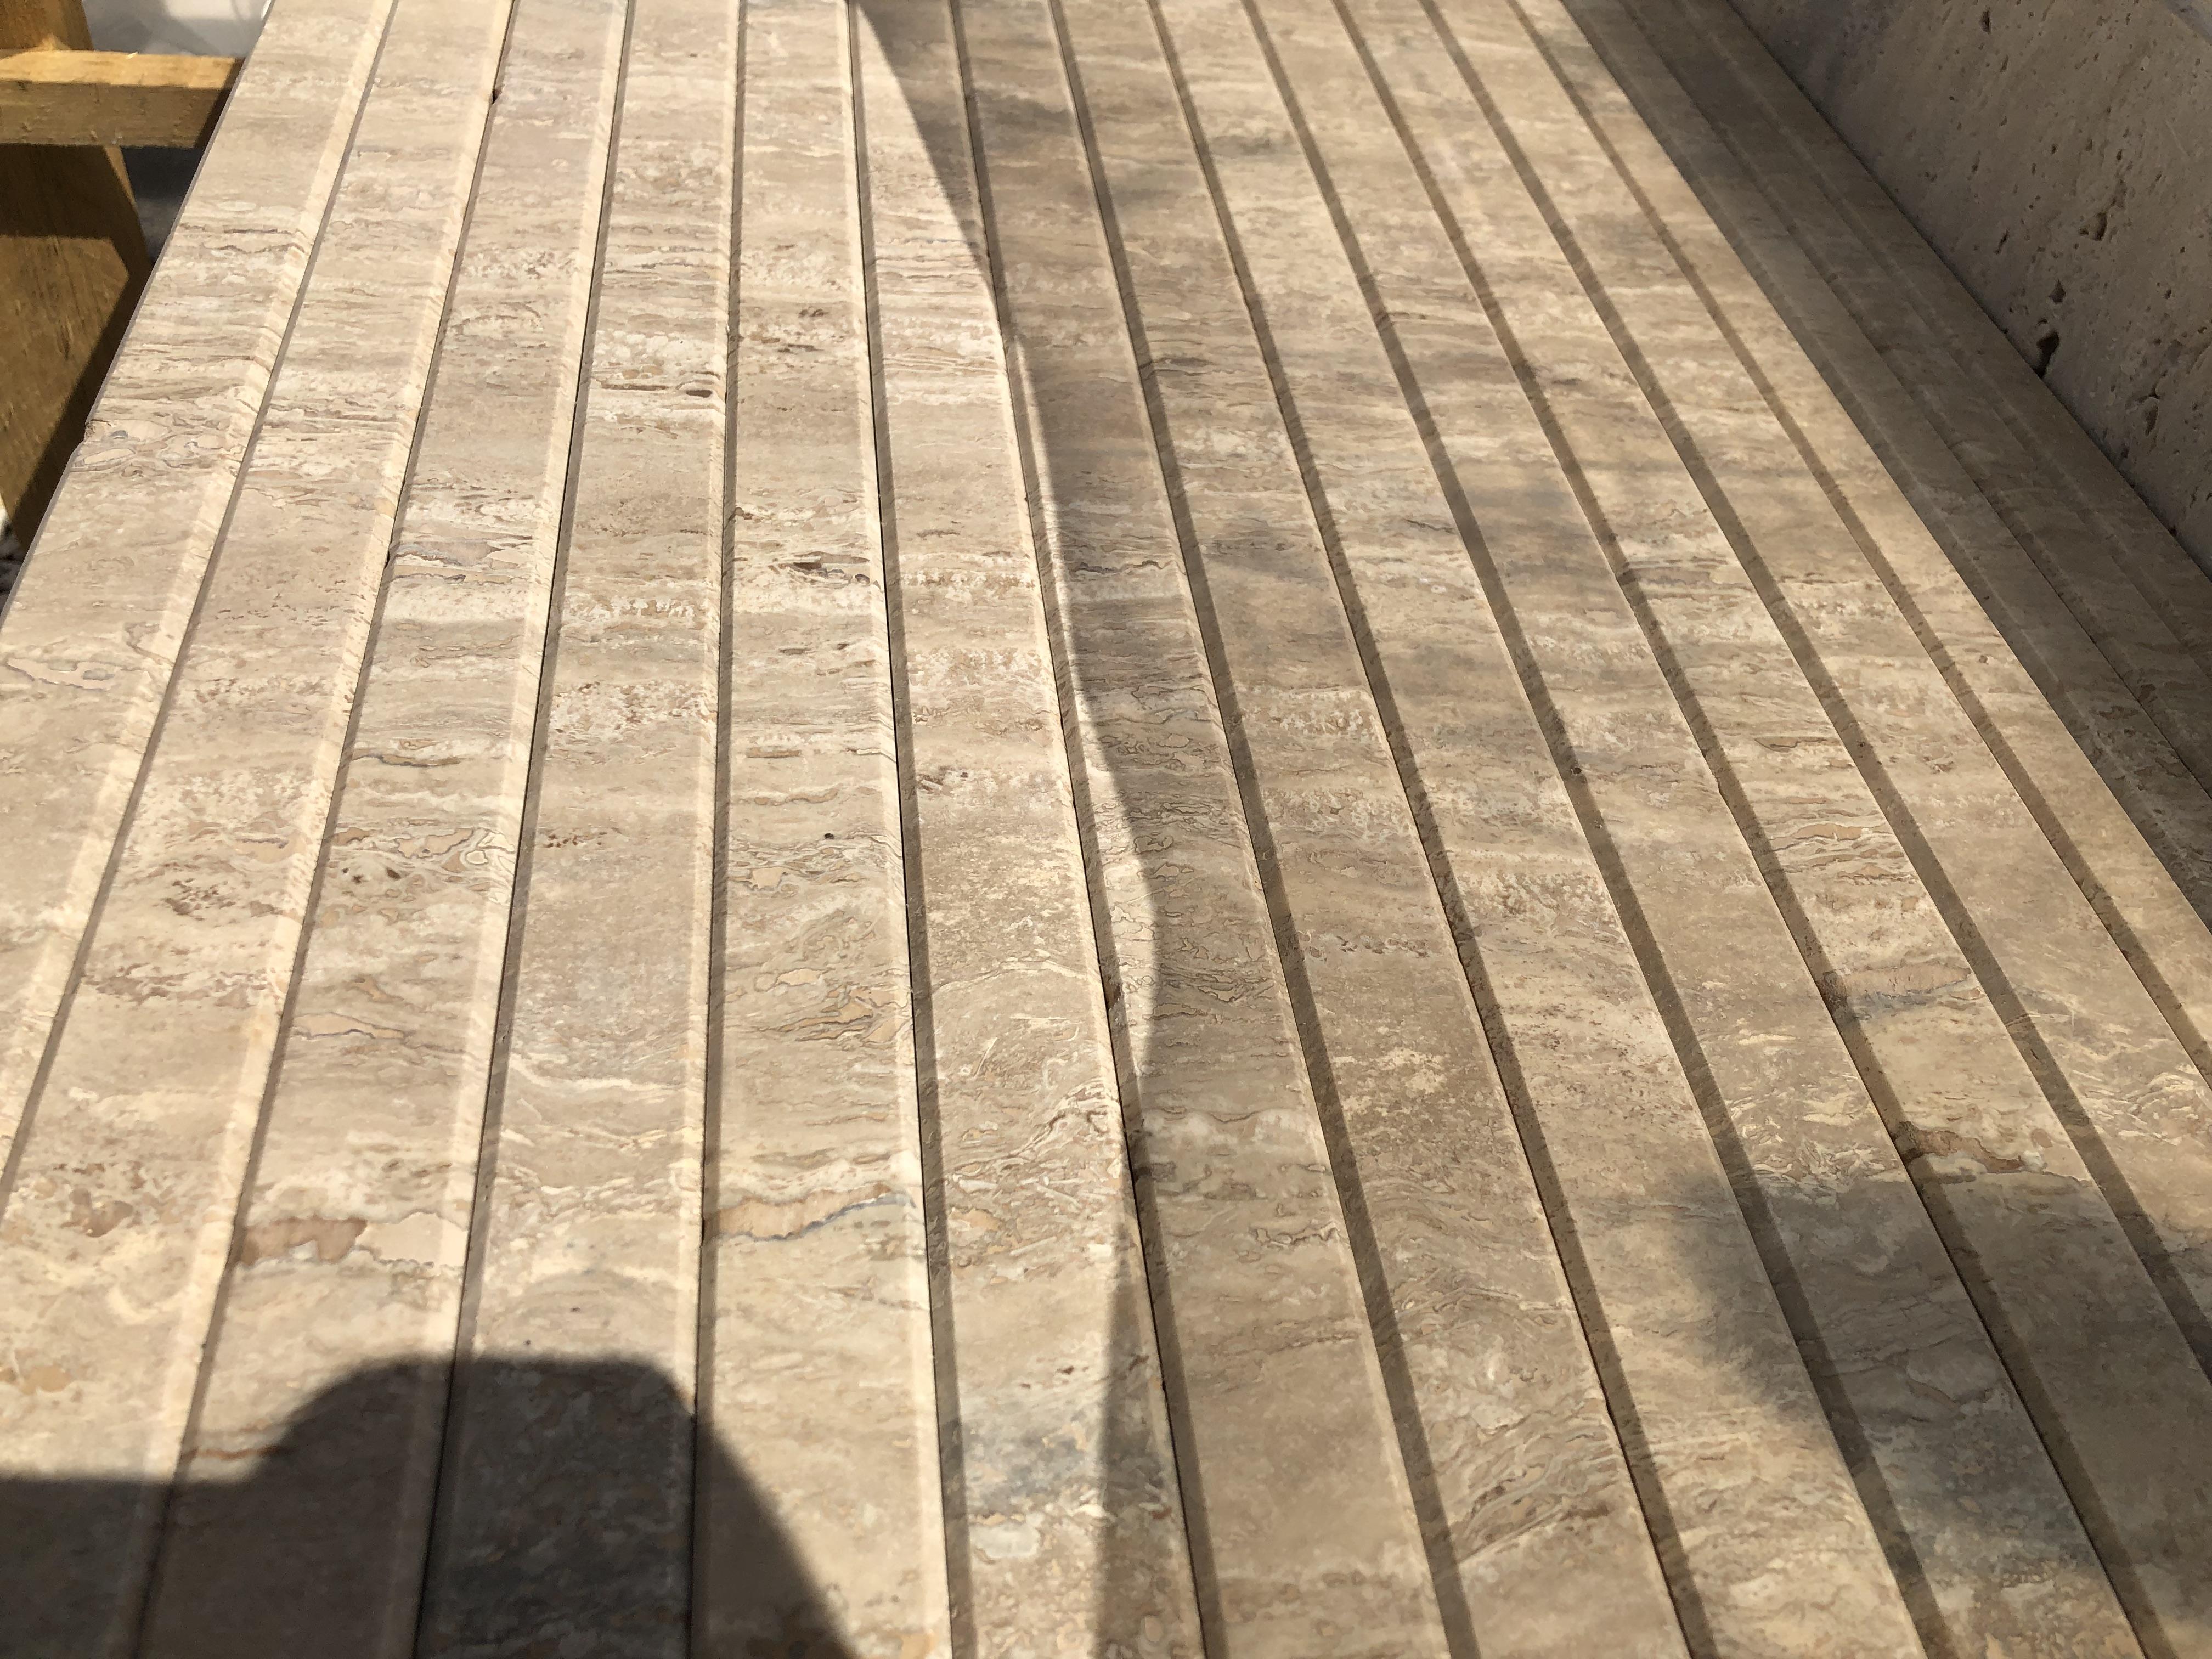 3cm vastagságú Travertin Párkány, Fedlap Akció! Selyemfényű felülettel, igény szerint vízorbevágással Méretre Vágással